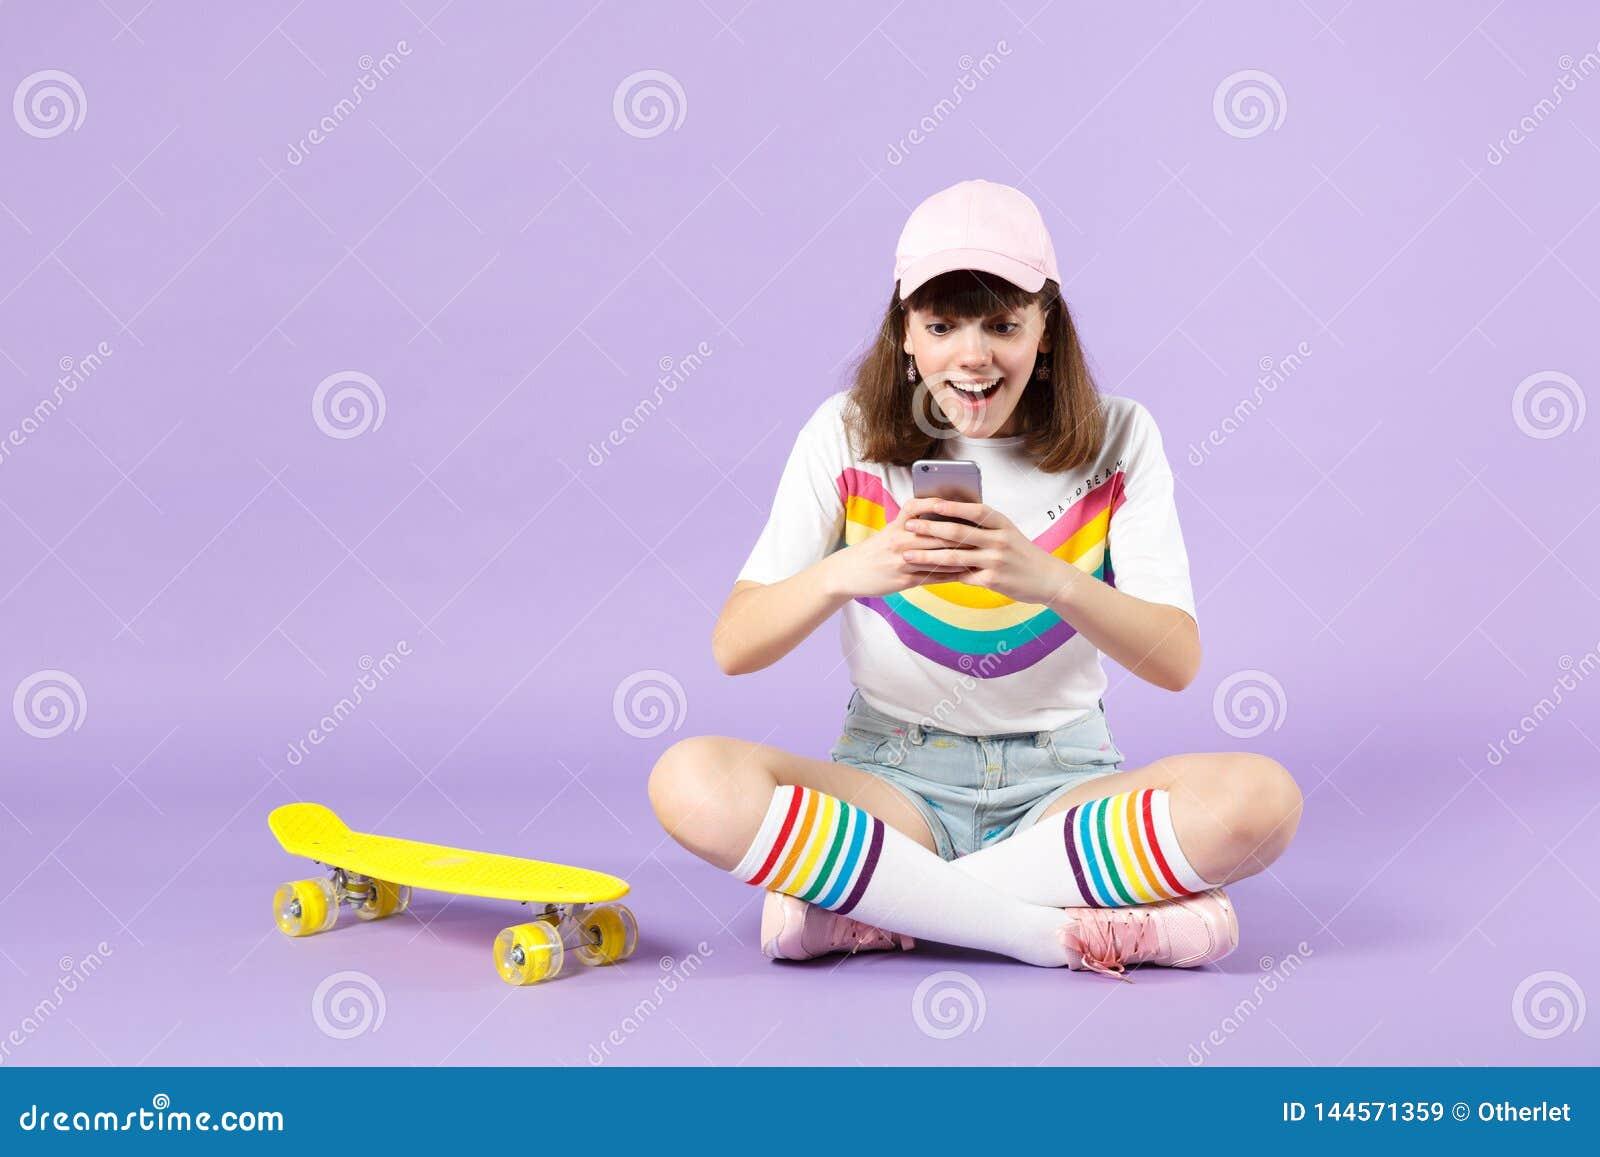 Zdziwiona nastoletnia dziewczyna w ?ywy odzie?owy siedz?cy pobliski deskorolka u?ywa? telefon?w kom?rkowych sms pisa? na maszynie